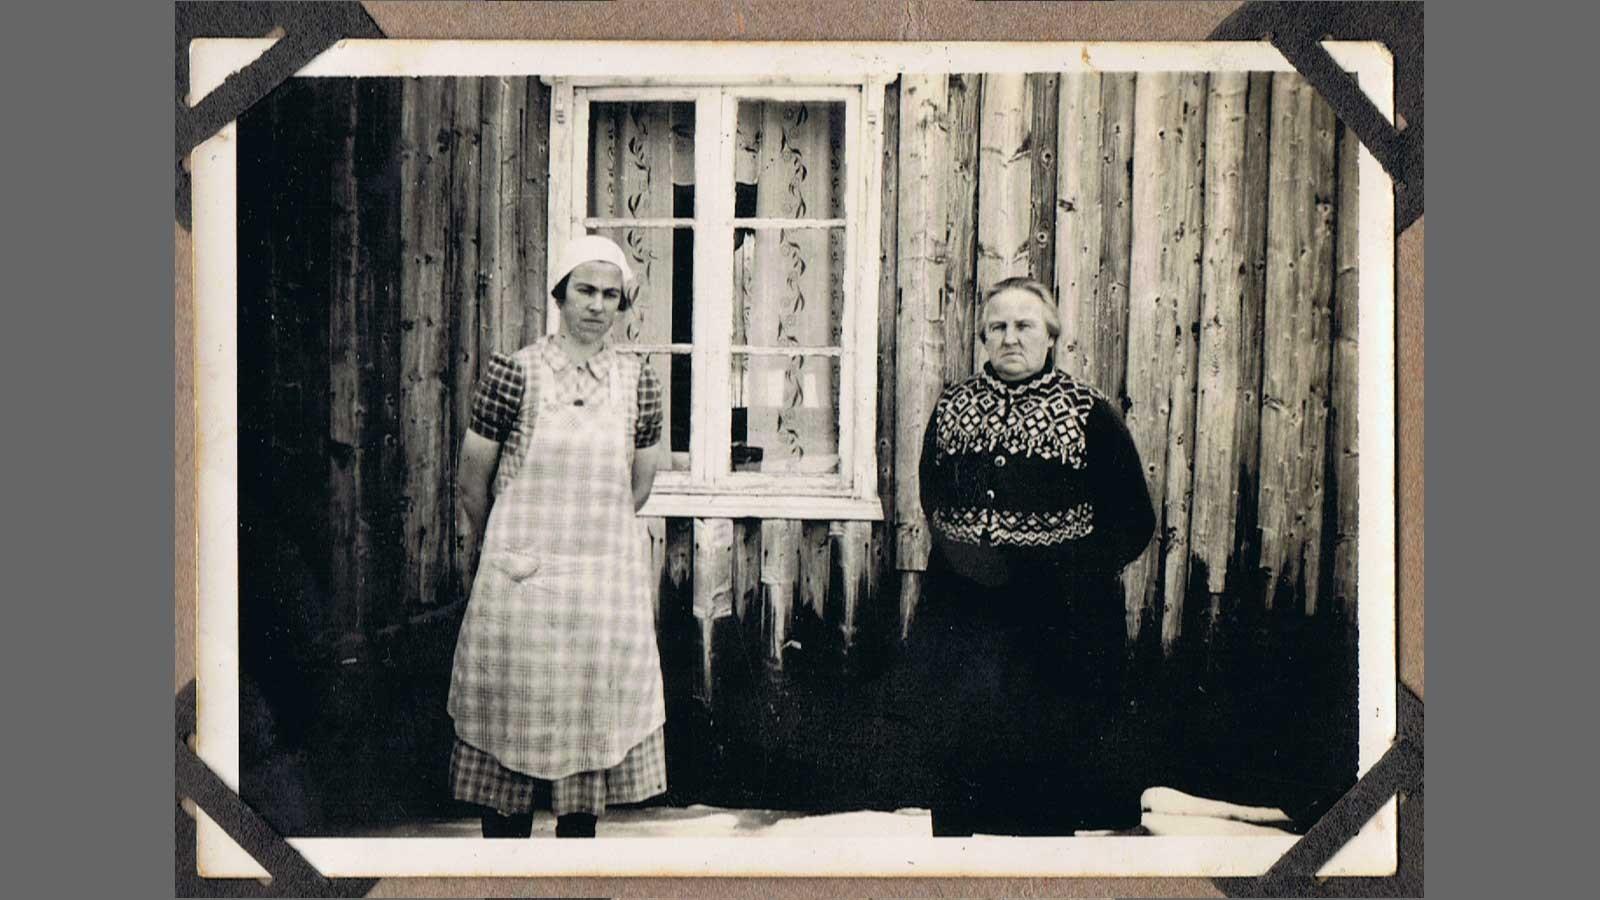 Passfoto av Marie Hammer Lona og Kjerstina Lona